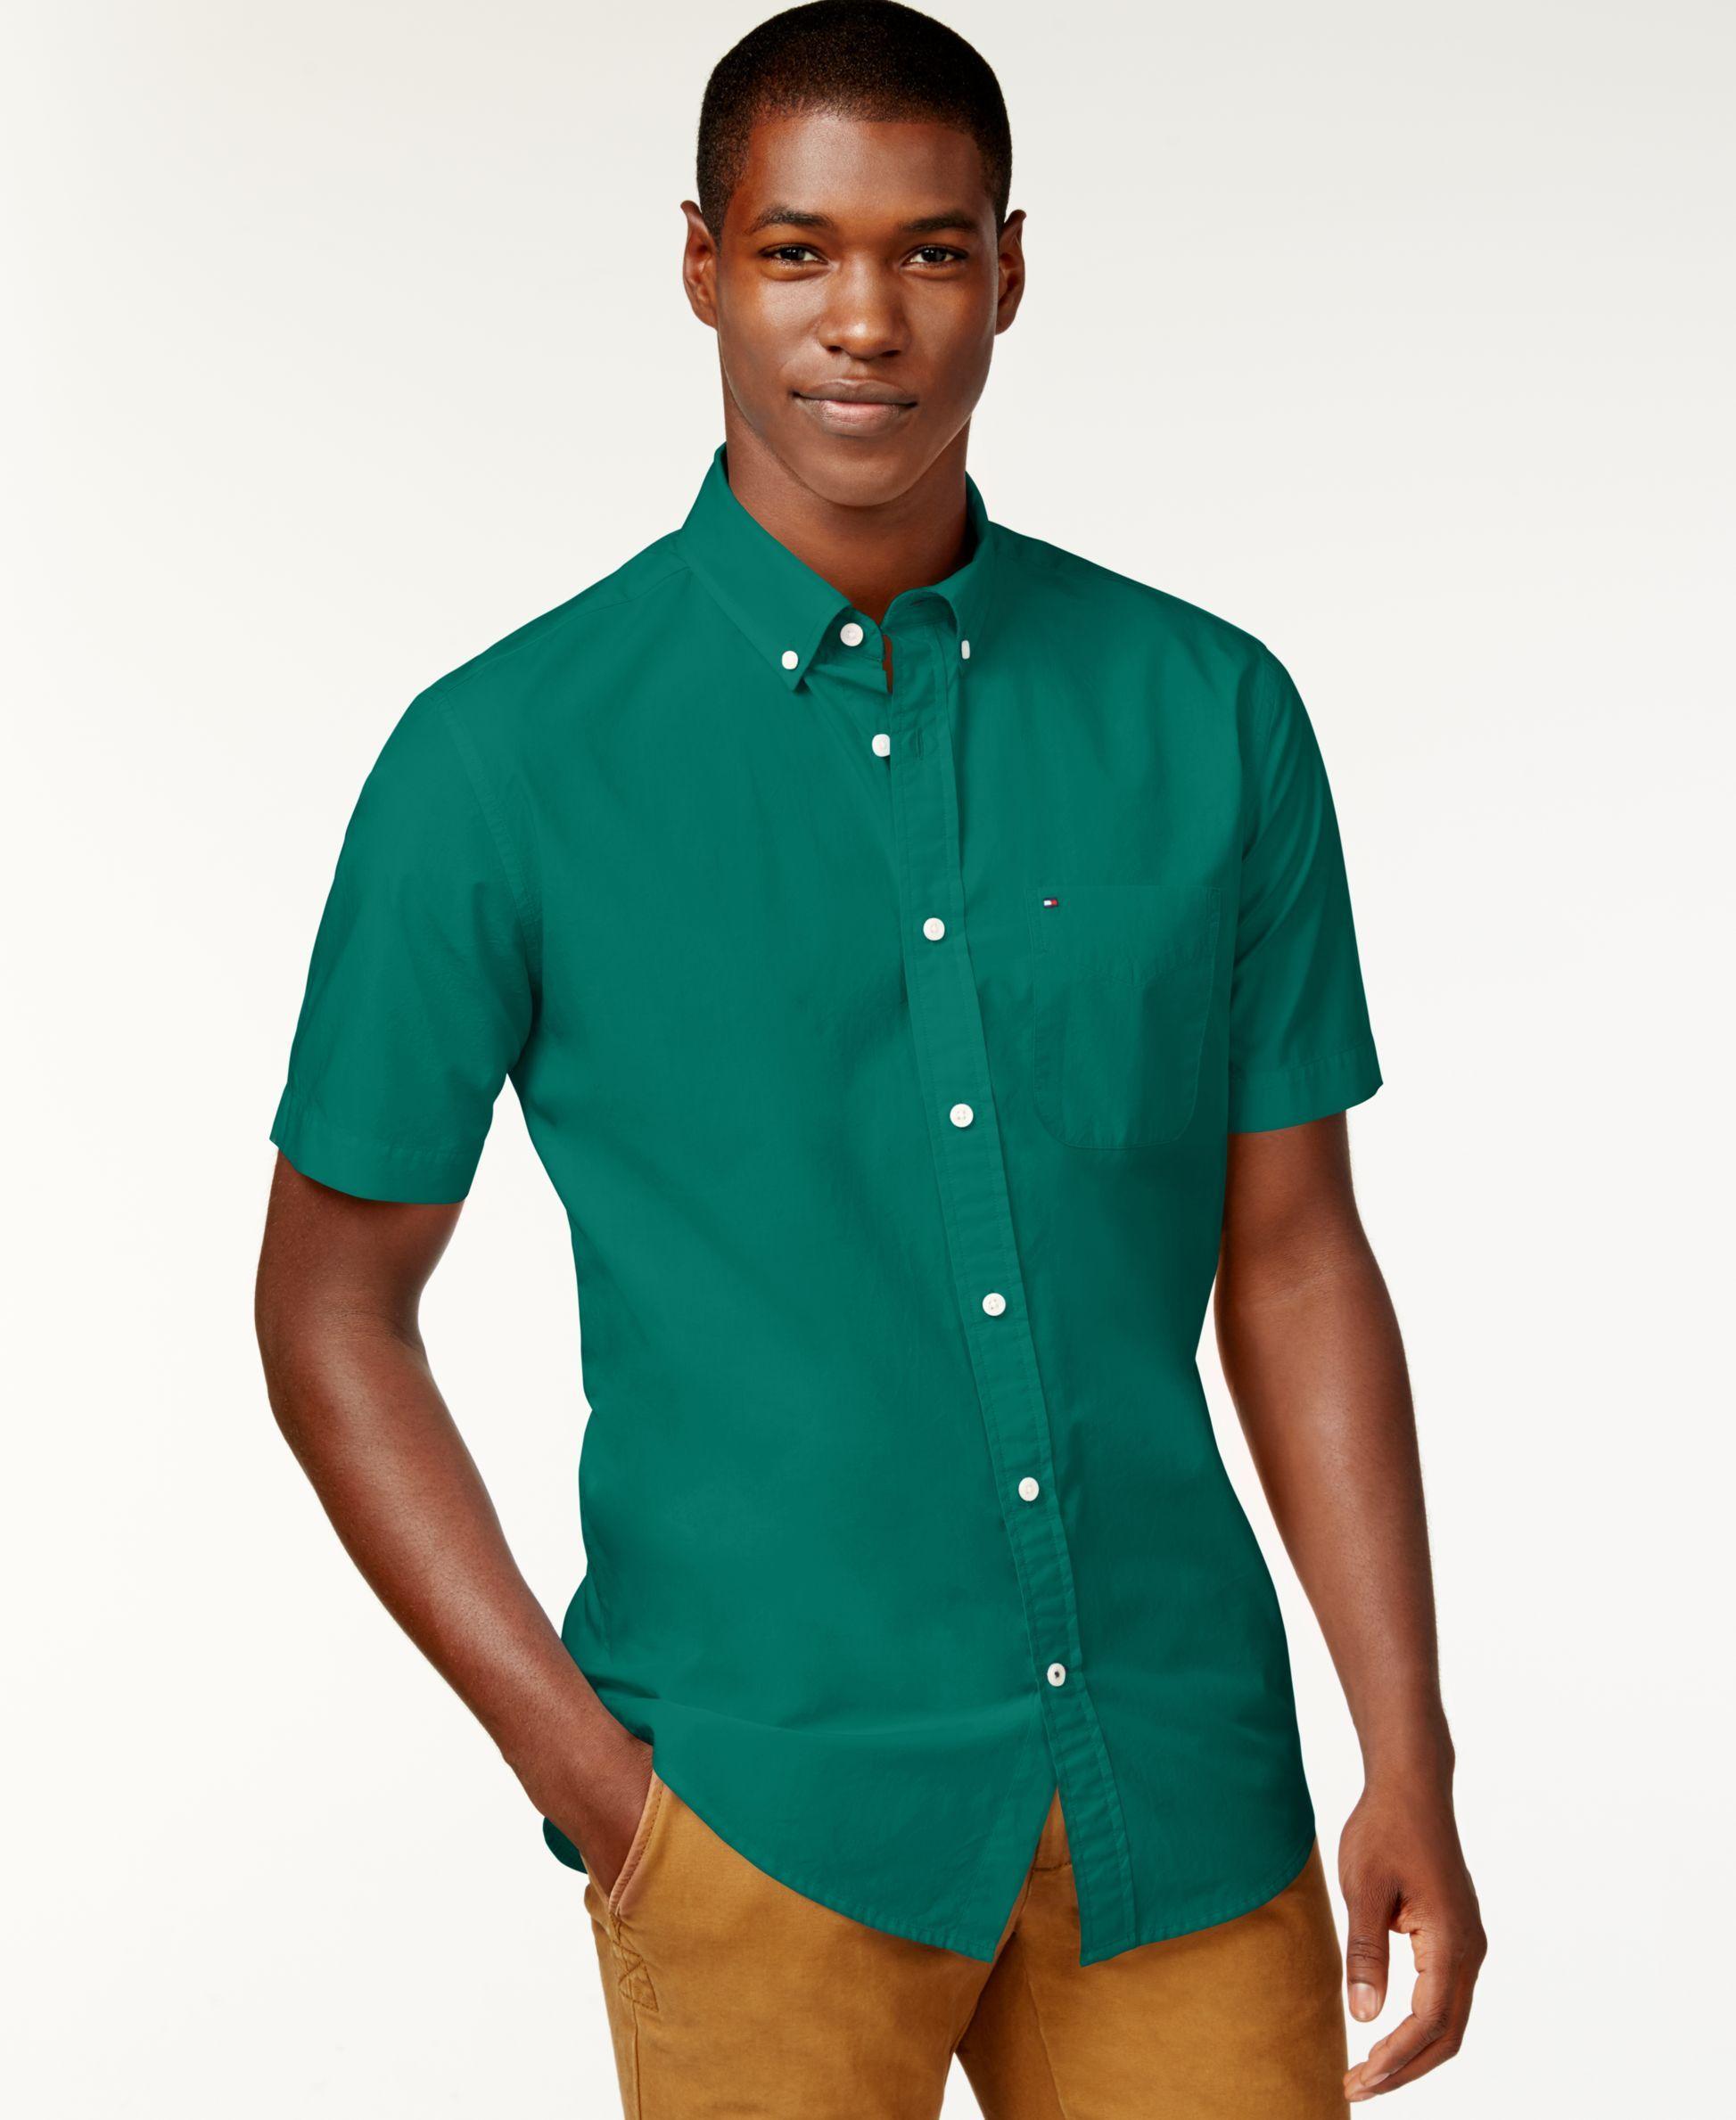 276a80cec Tommy Hilfiger Men s Maxwell Short-Sleeve Button-Down Shirt